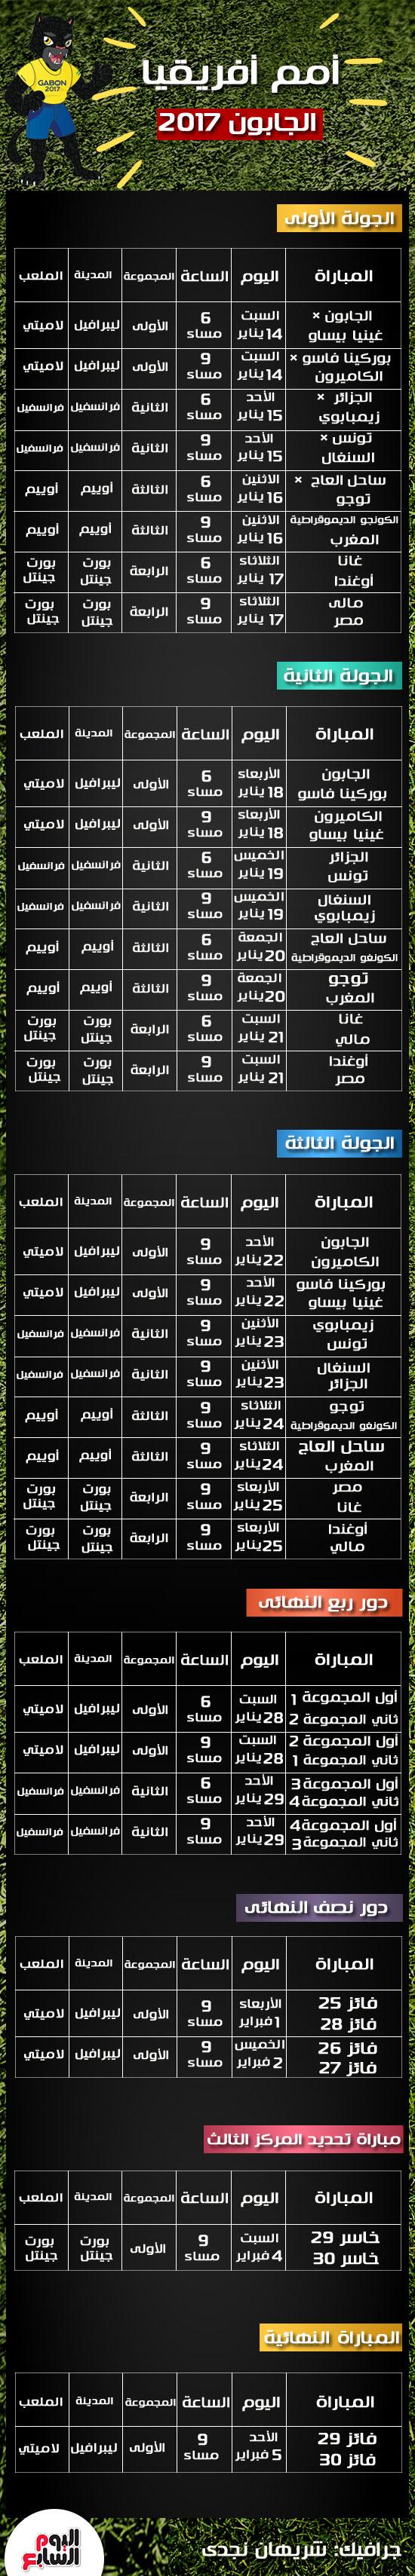 جدول ترتيب كأس الأمم الأفريقية 2017 ونتائج الجولة الثانية والمنتخبات العربية 1 22/1/2017 - 9:30 ص